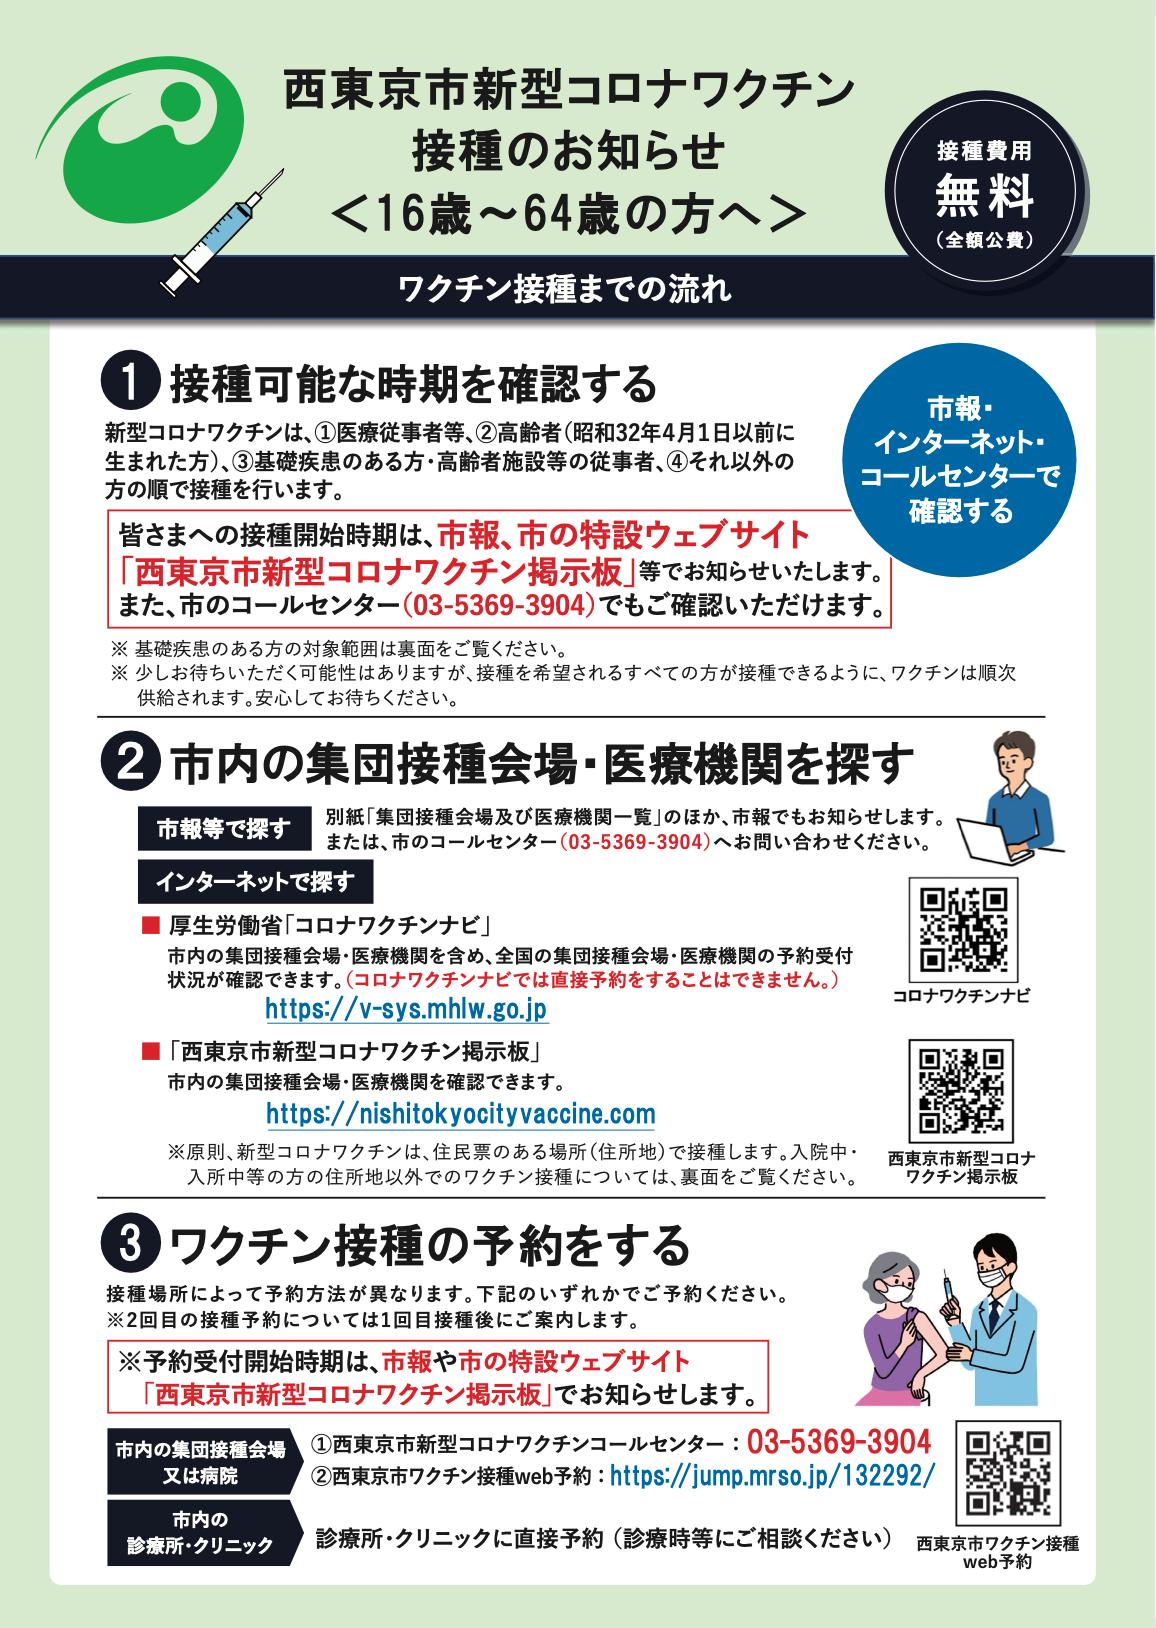 西東京市新型コロナワクチン接種のお知らせ(16歳〜64歳の方へ)